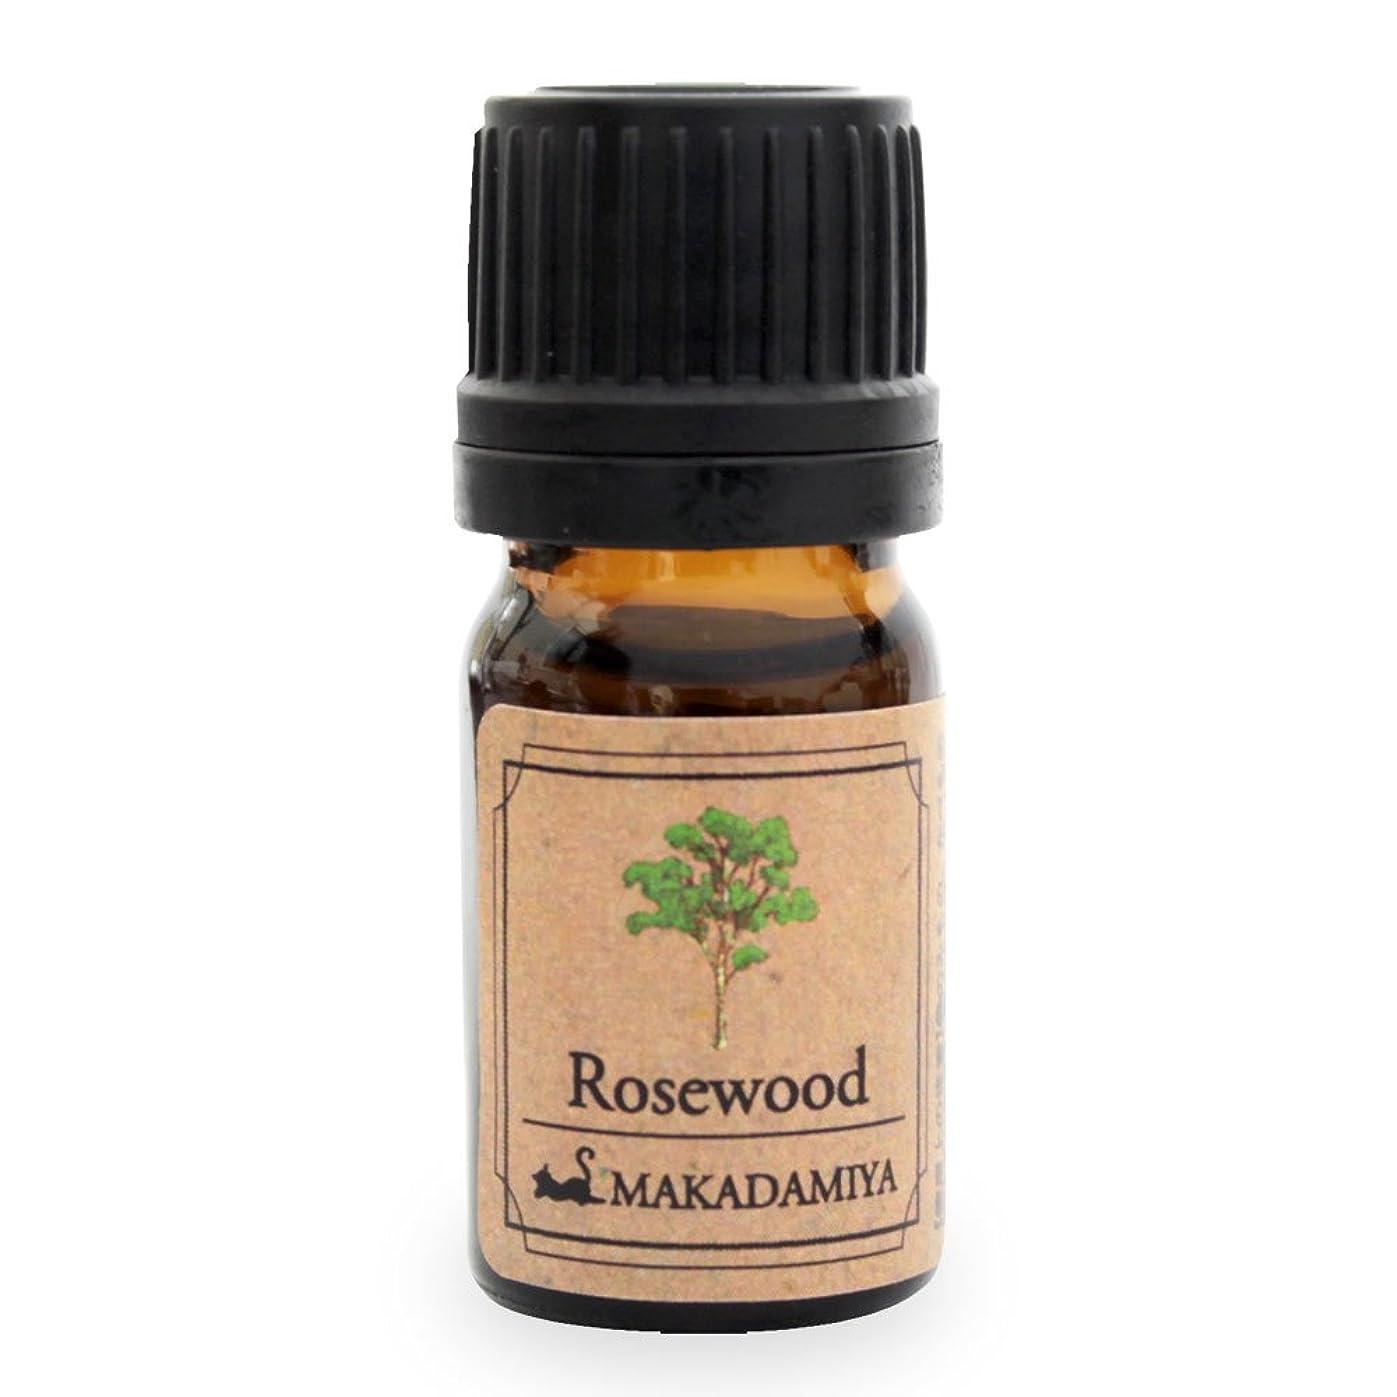 ローズウッド5ml 天然100%植物性 エッセンシャルオイル(精油) アロマオイル アロママッサージ aroma Rosewood